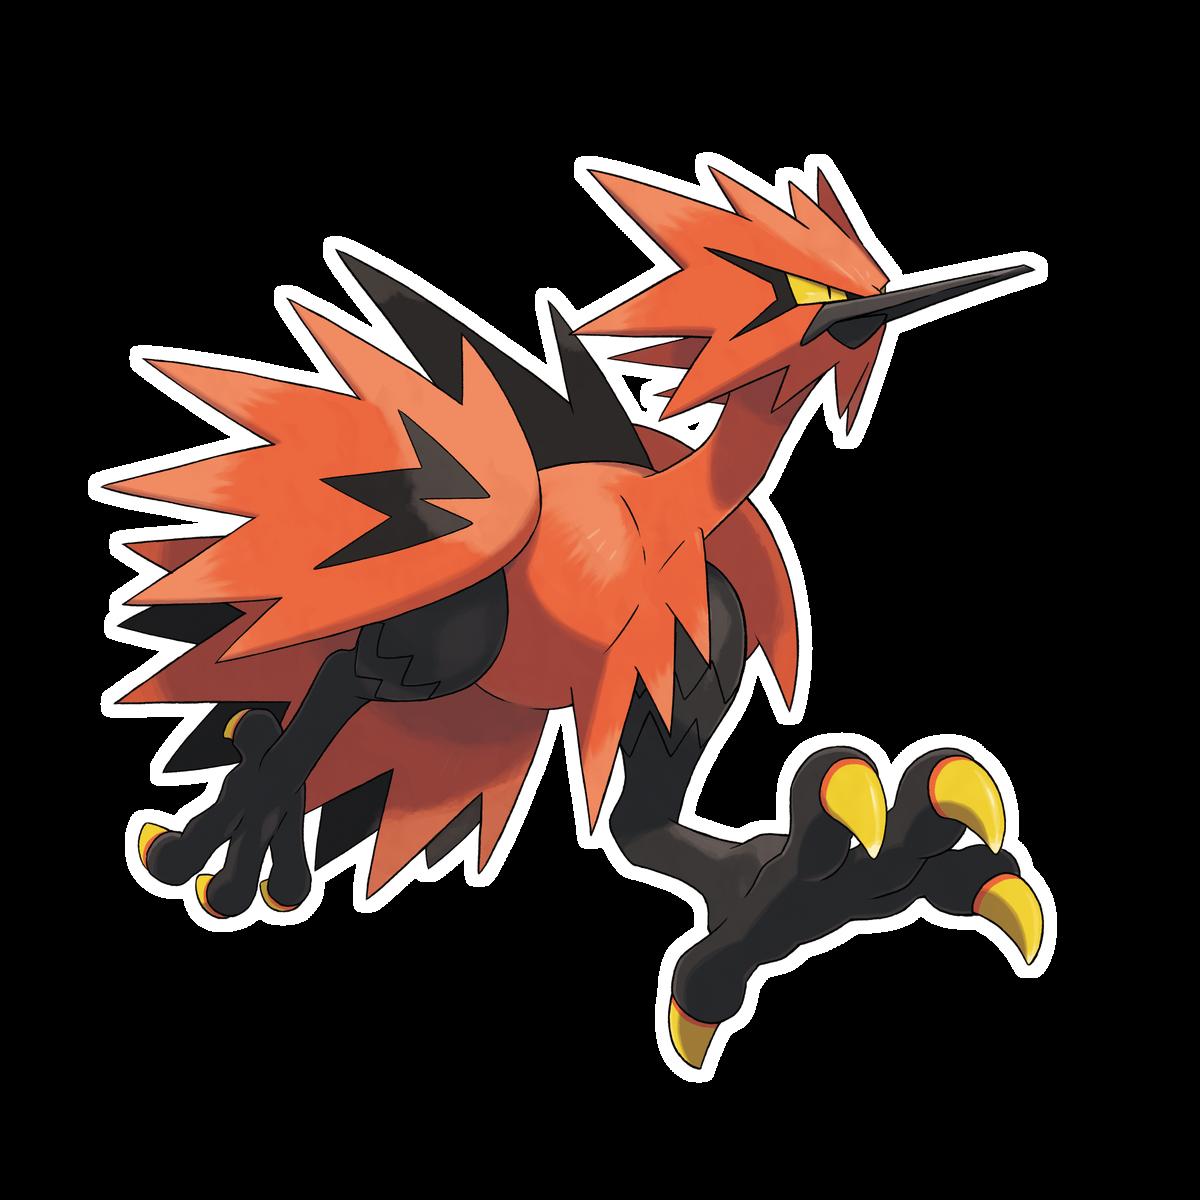 An orange bird running on two legs, like an ostrich